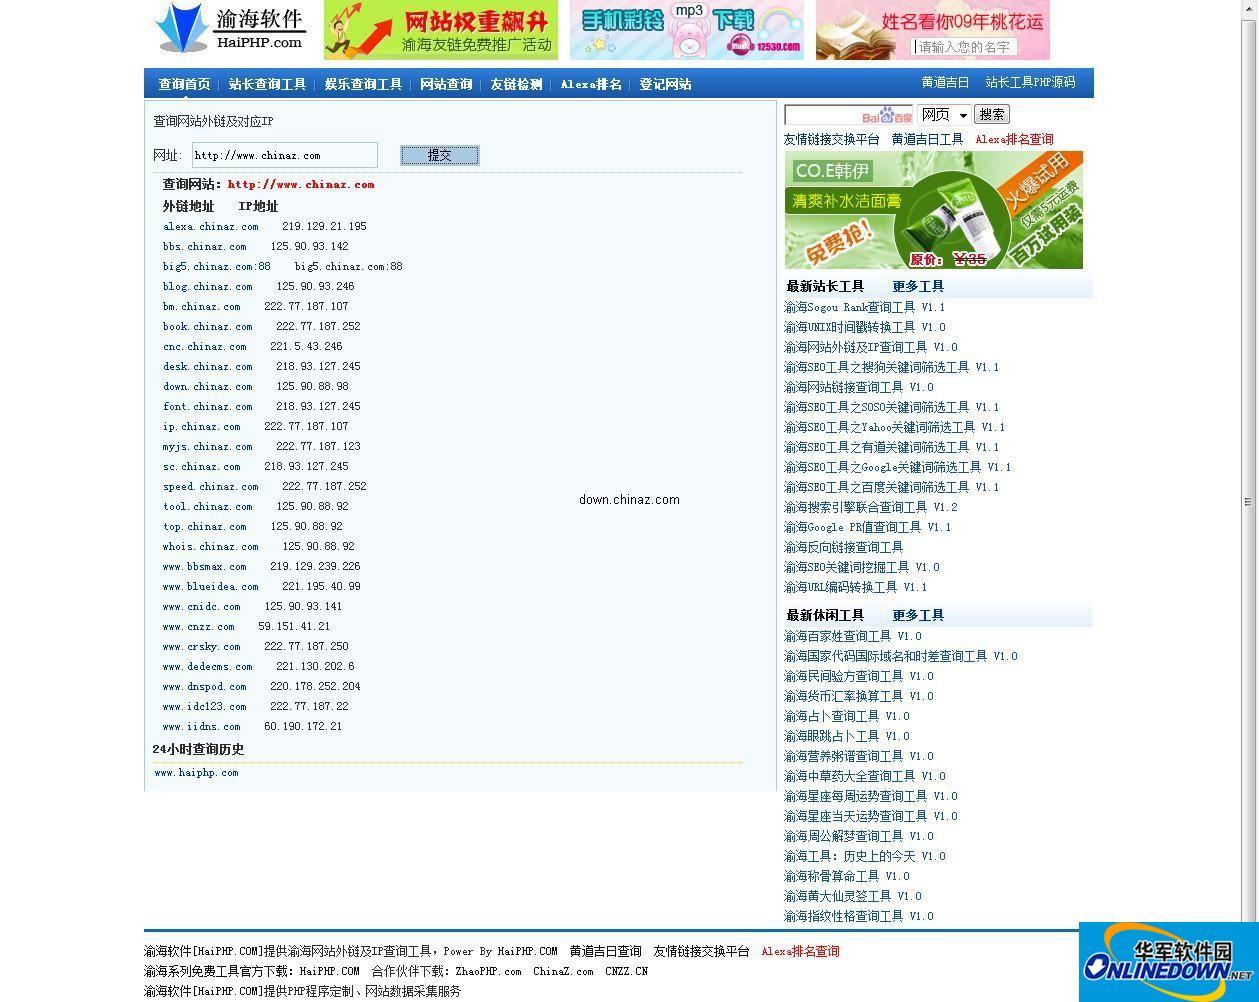 渝海网站外链及IP查询工具  1.3